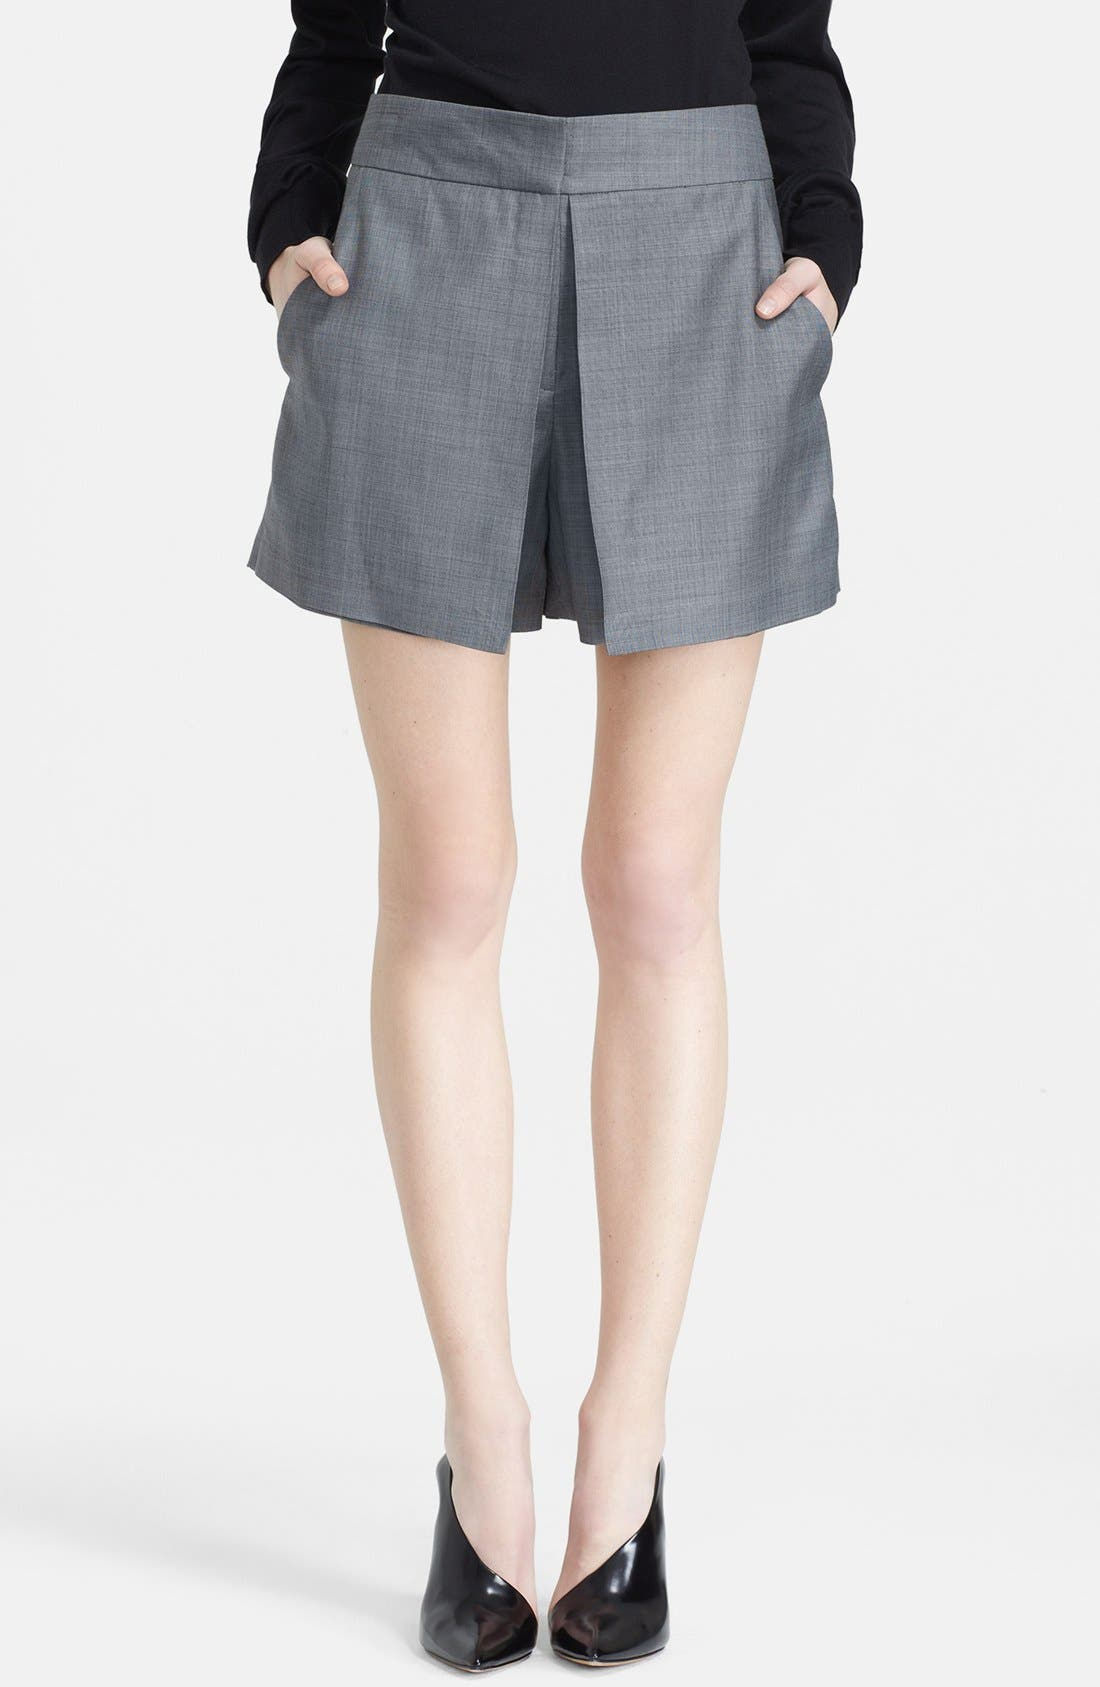 Alternate Image 1 Selected - Alexander Wang Layered Wool Shorts